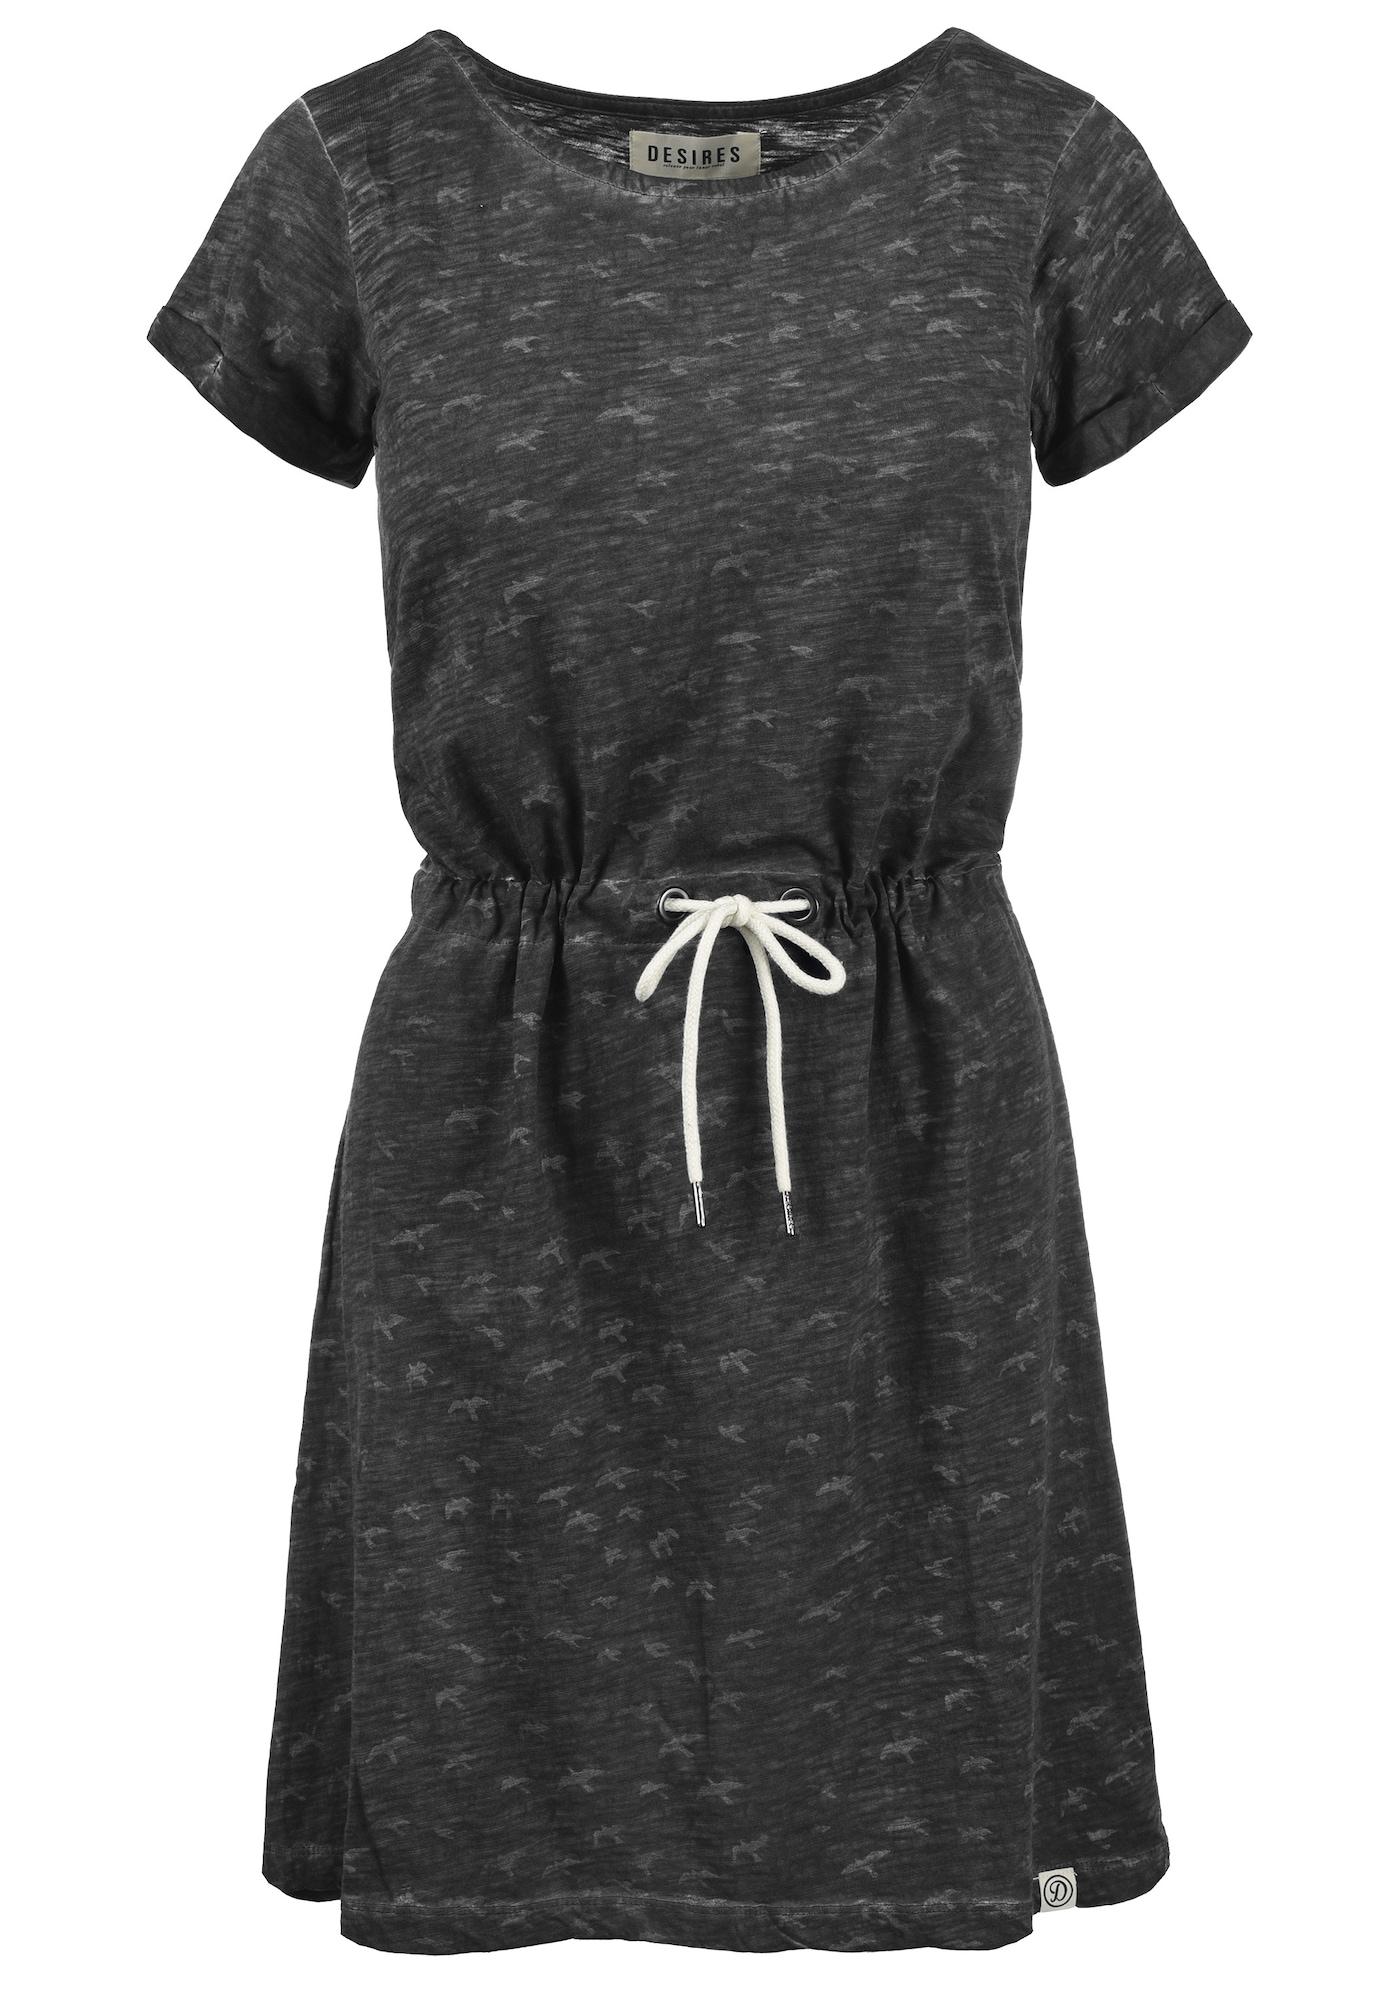 Jerseykleid 'Birdy' | Bekleidung > Kleider > Jerseykleider | Desires